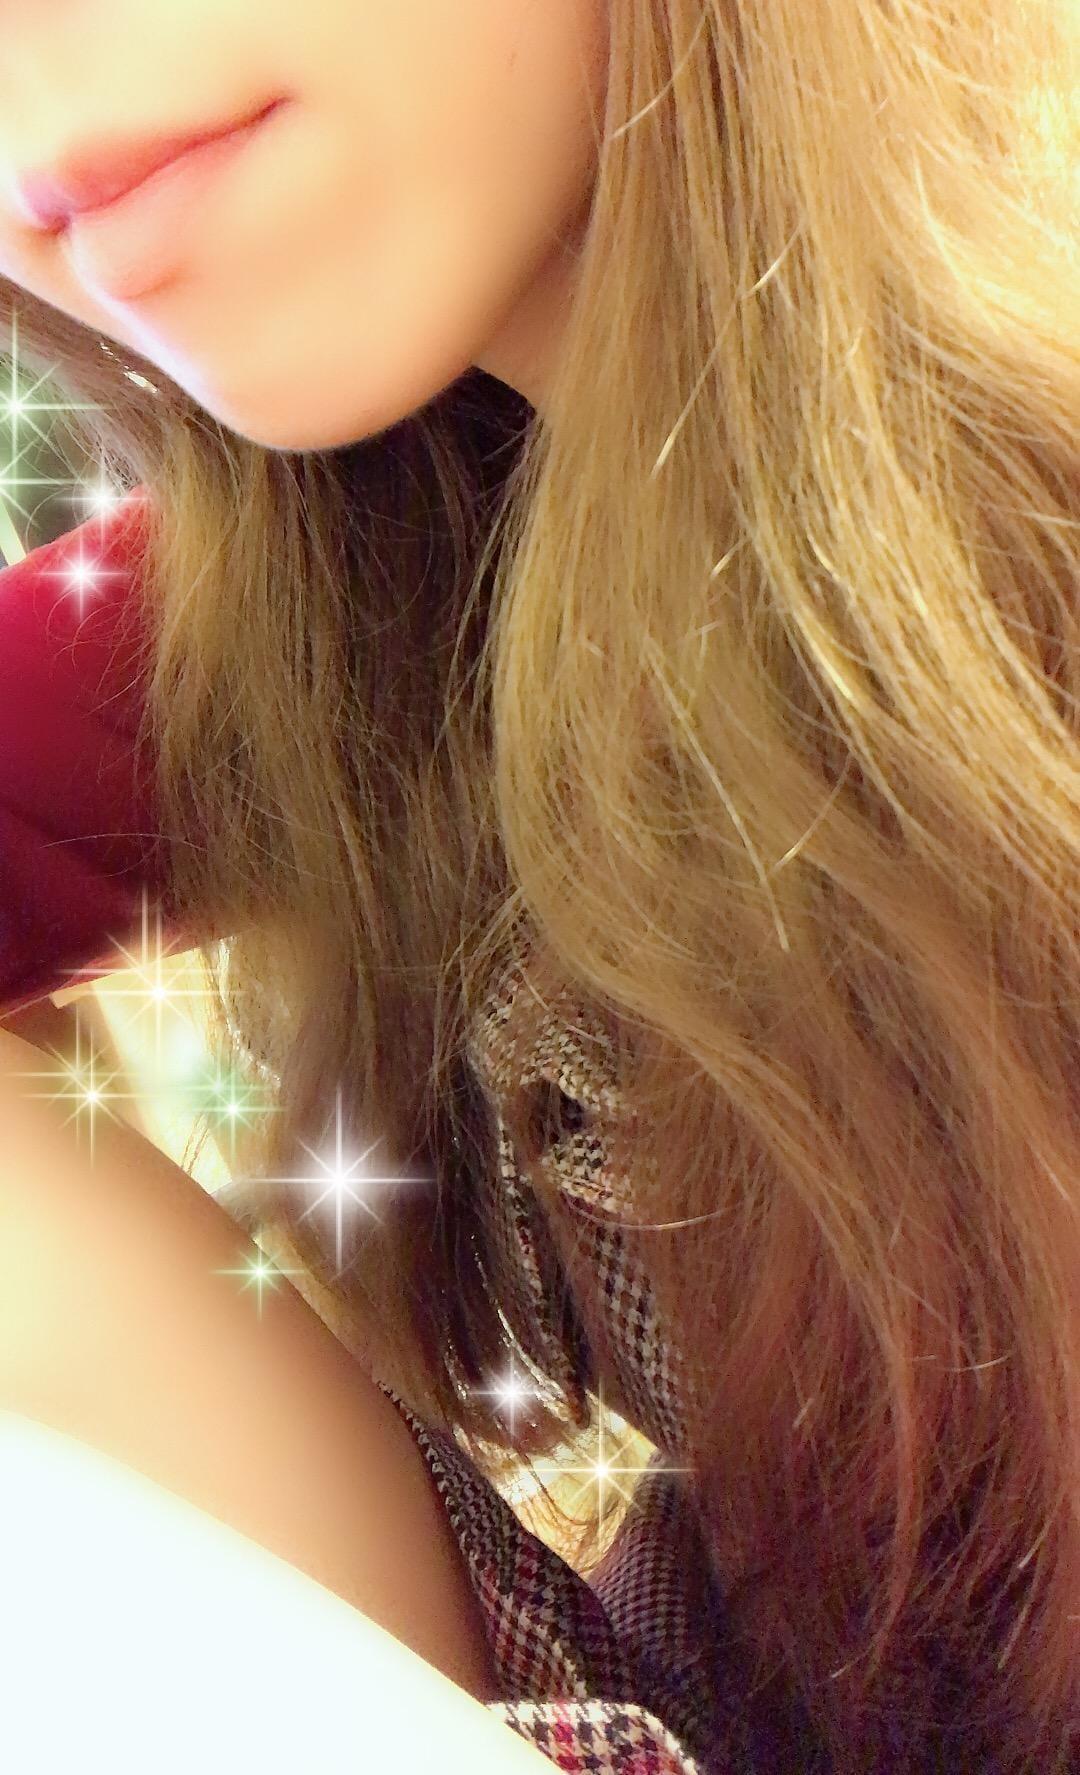 じゅん「ありがとう♪」10/16(火) 23:25 | じゅんの写メ・風俗動画